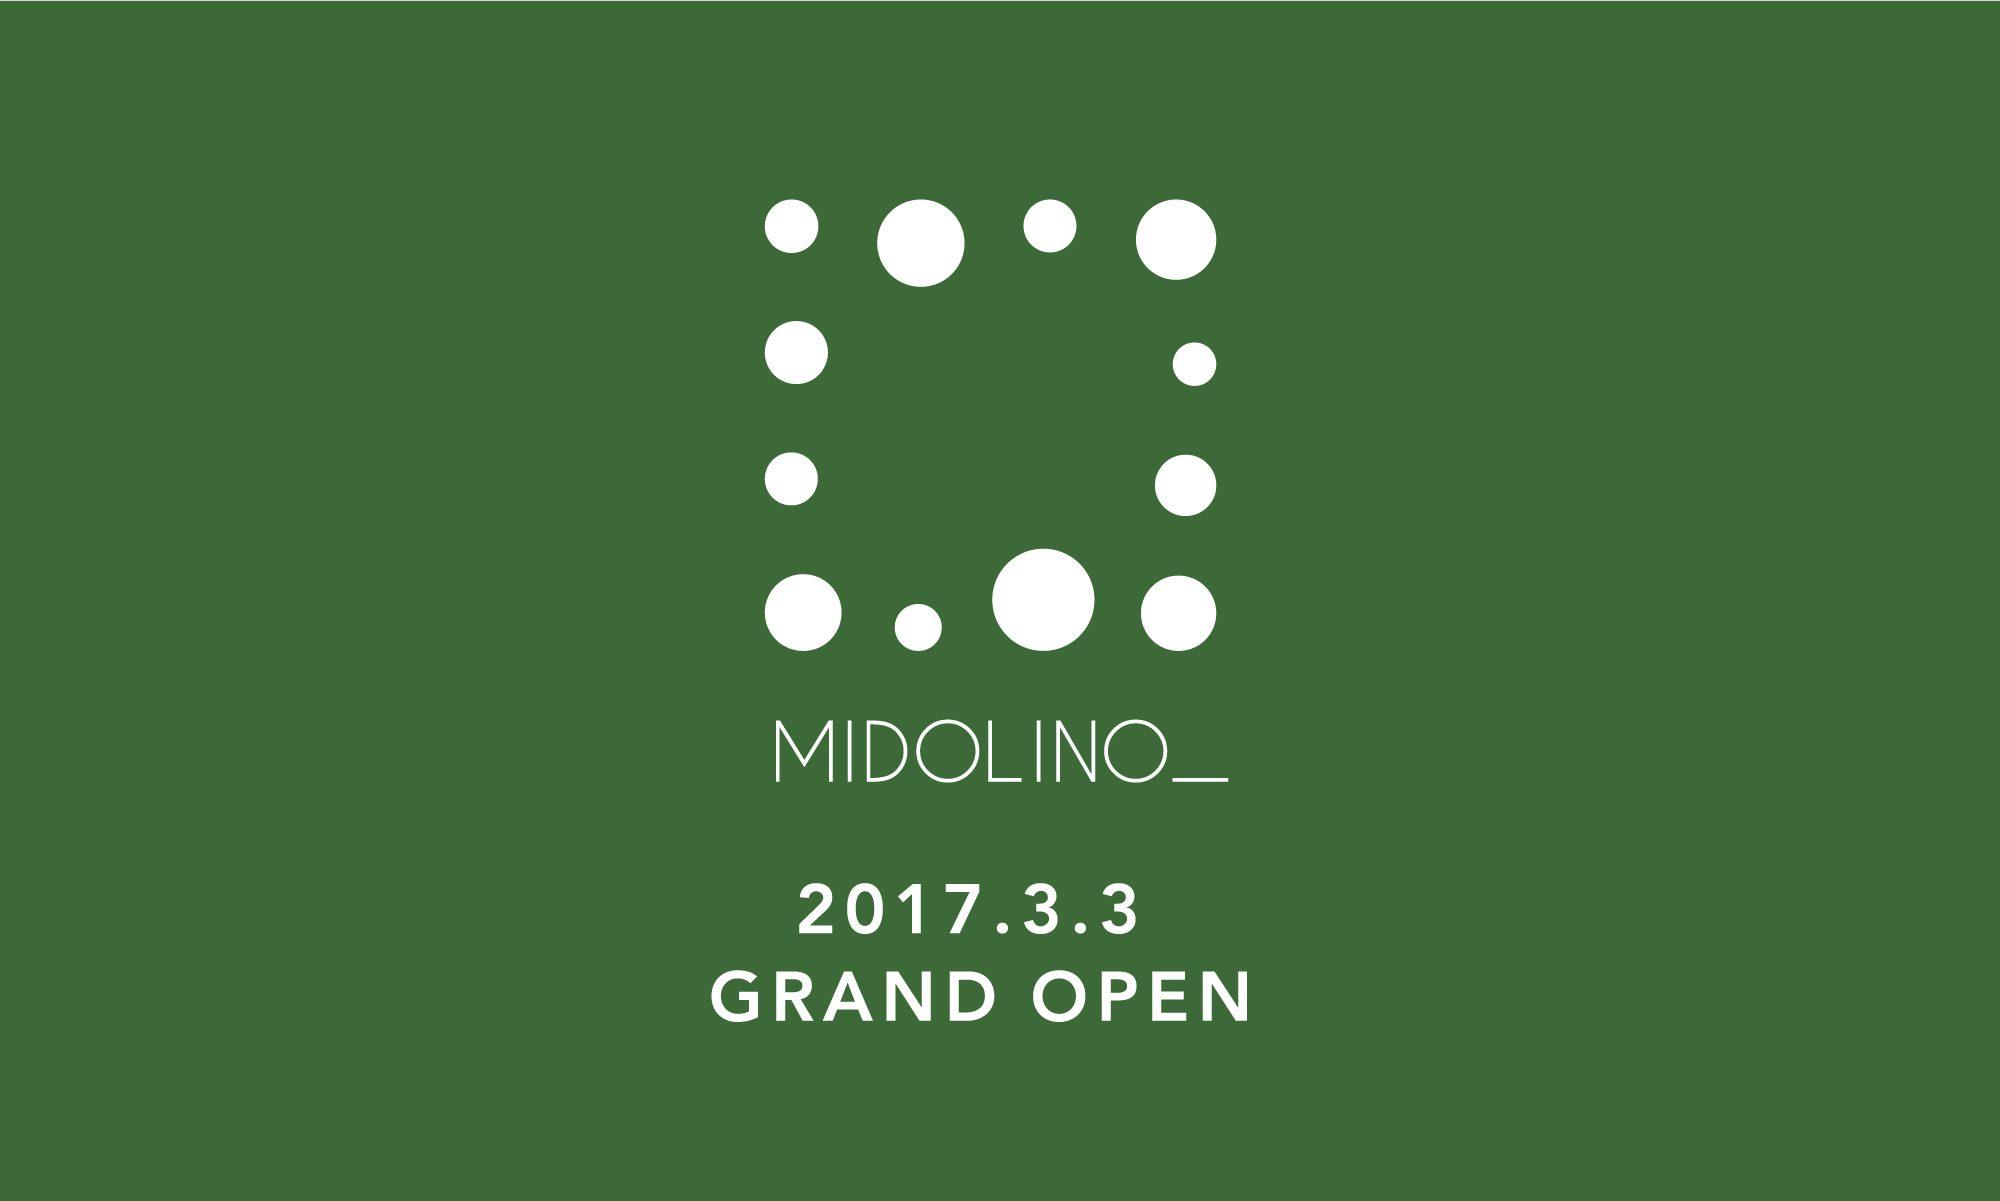 MIDOLINO_(みどりの_)